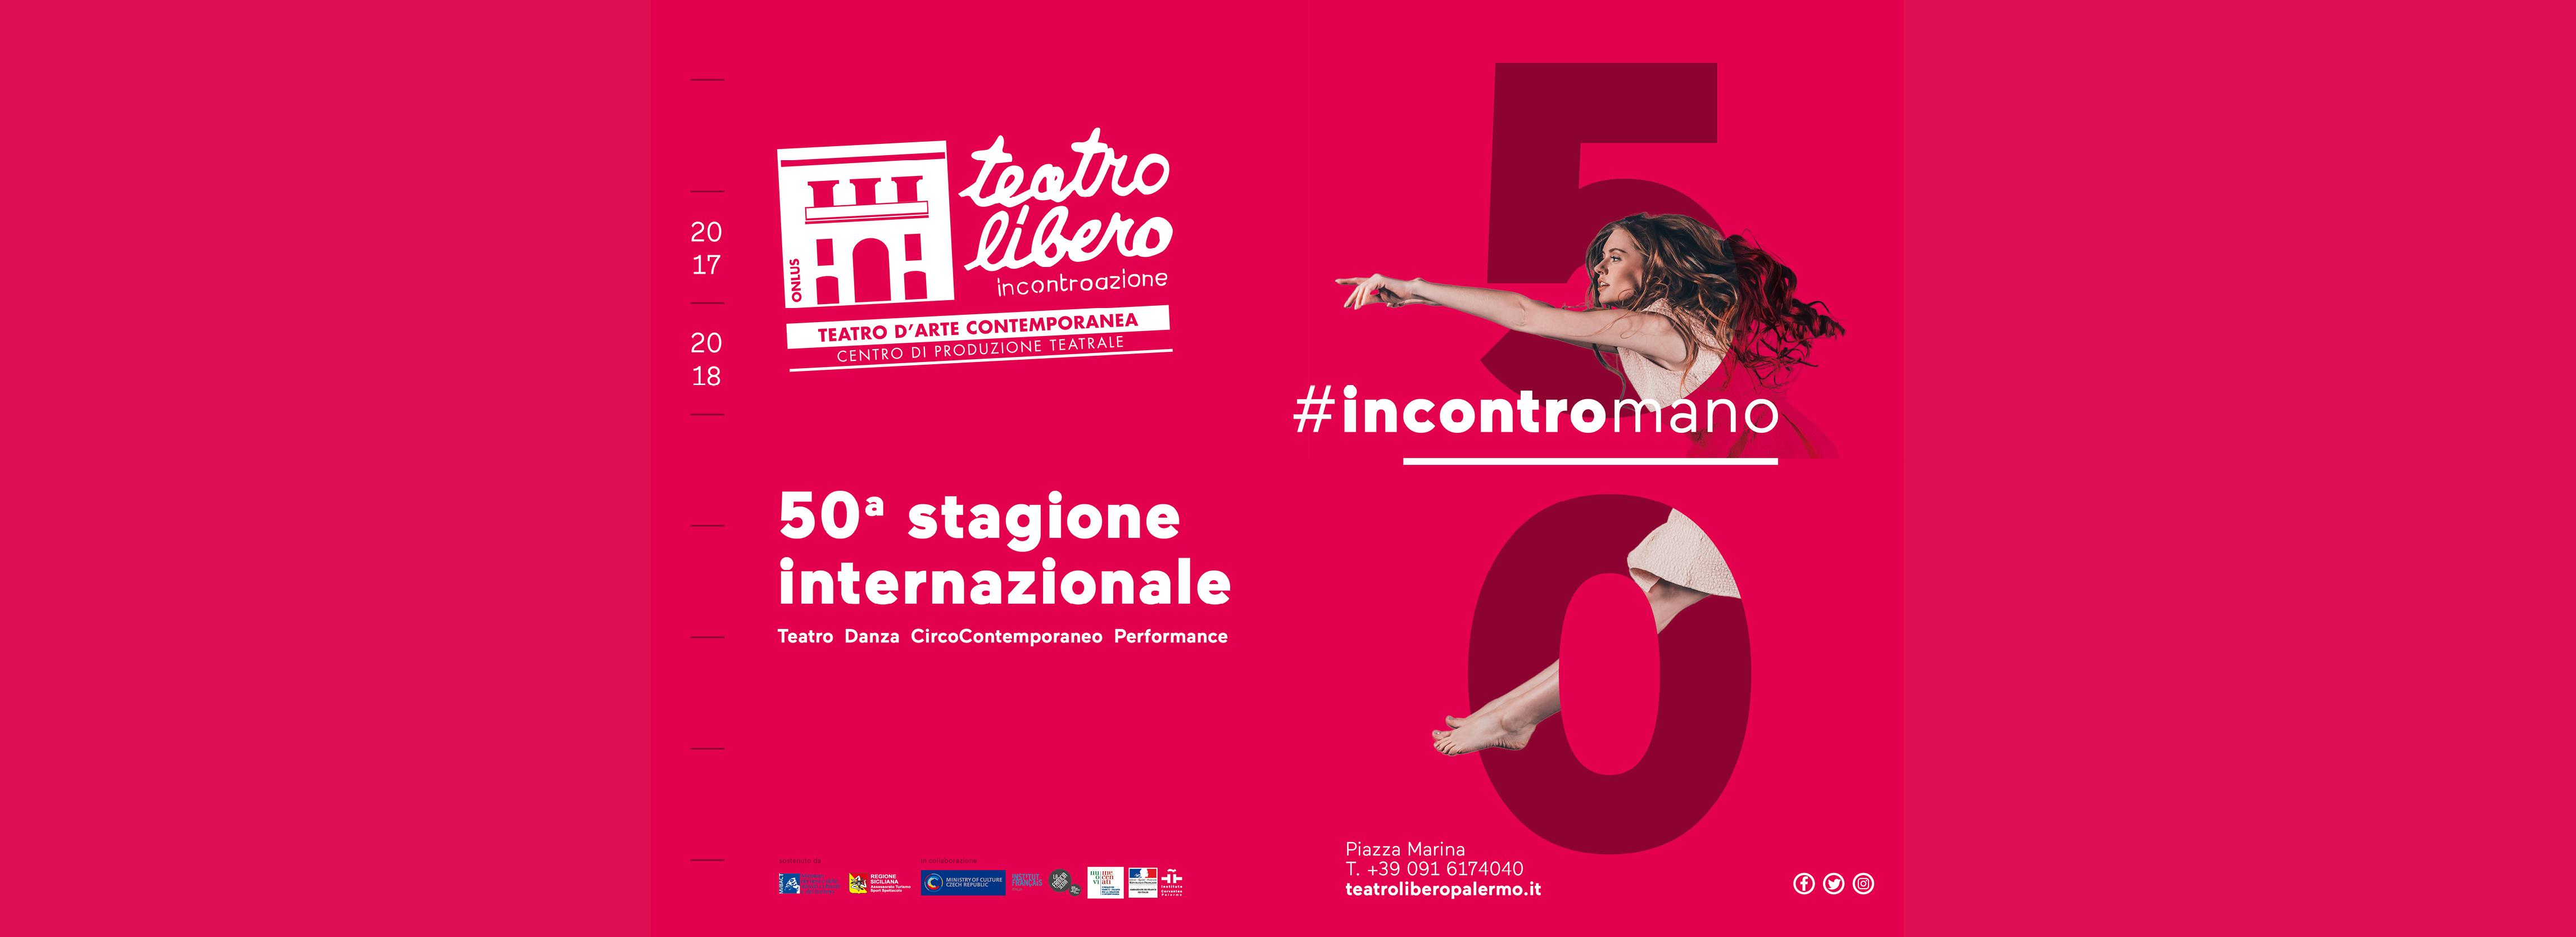 #Incontromano: la 50esima Stagione del Teatro Libero